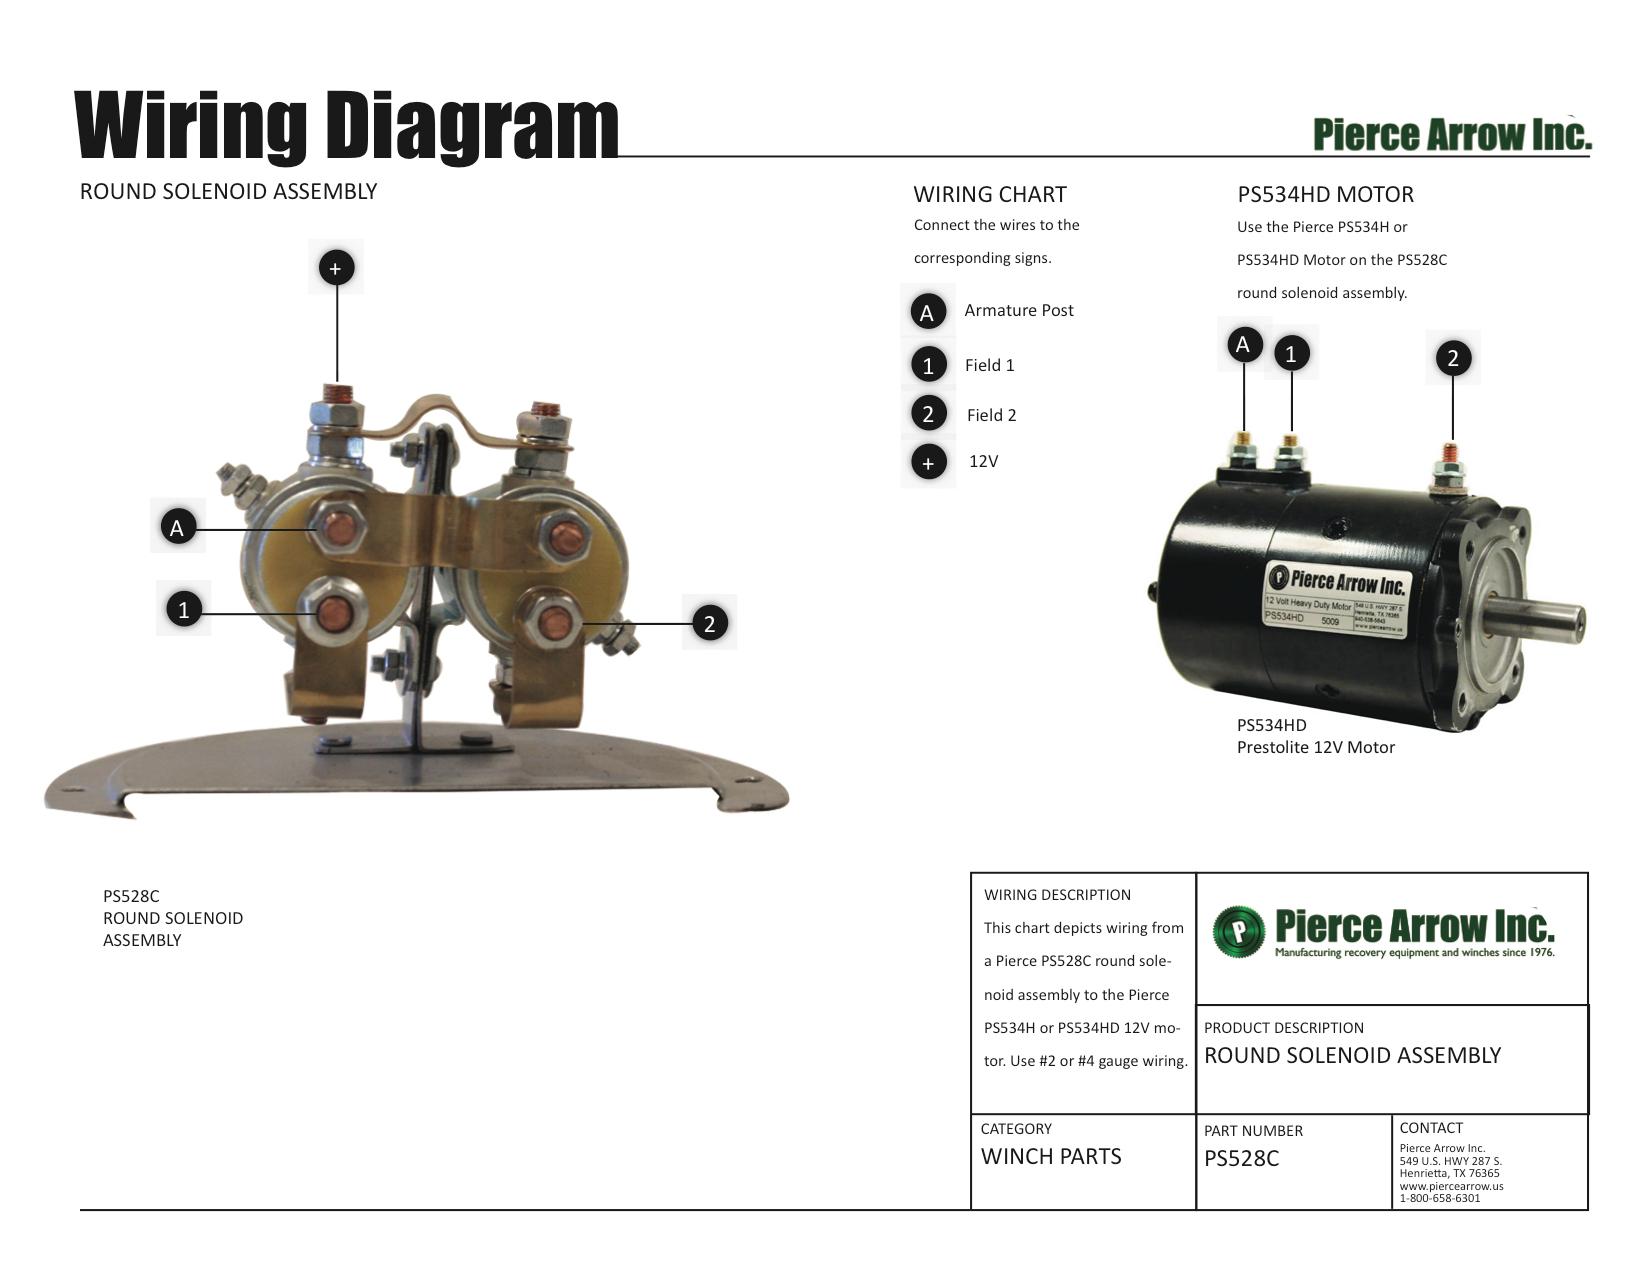 Pierce Arrow Winch Diagrams - Winch Solenoid Wiring Diagram